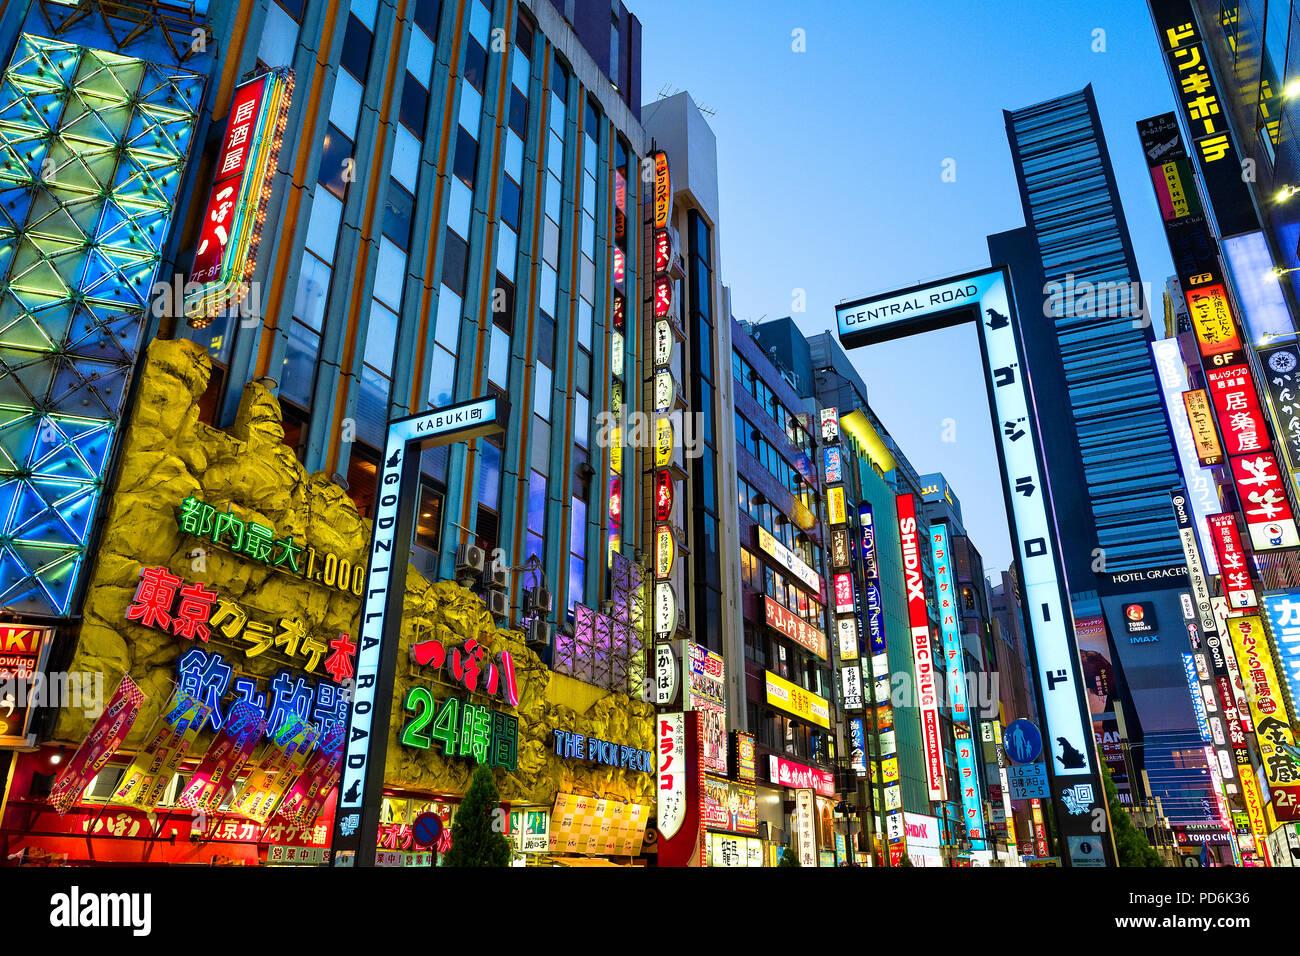 Japan, Insel Honshu, Kanto, Tokio, durch die Straßen in der Nacht im Kabuki-cho. Stockbild